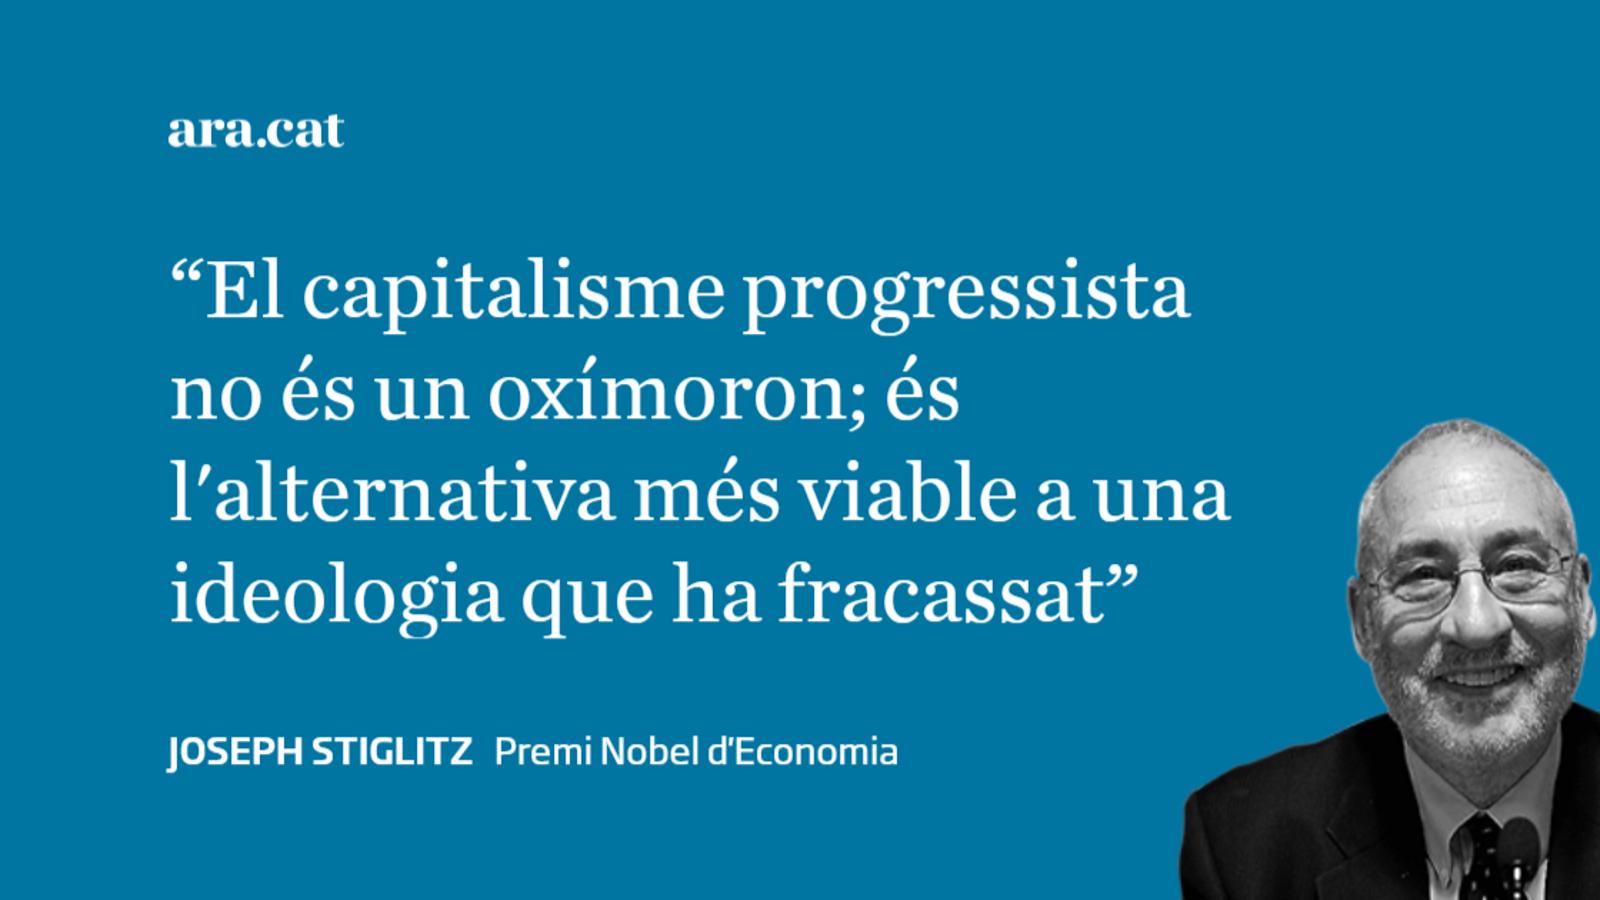 Després del neoliberalisme